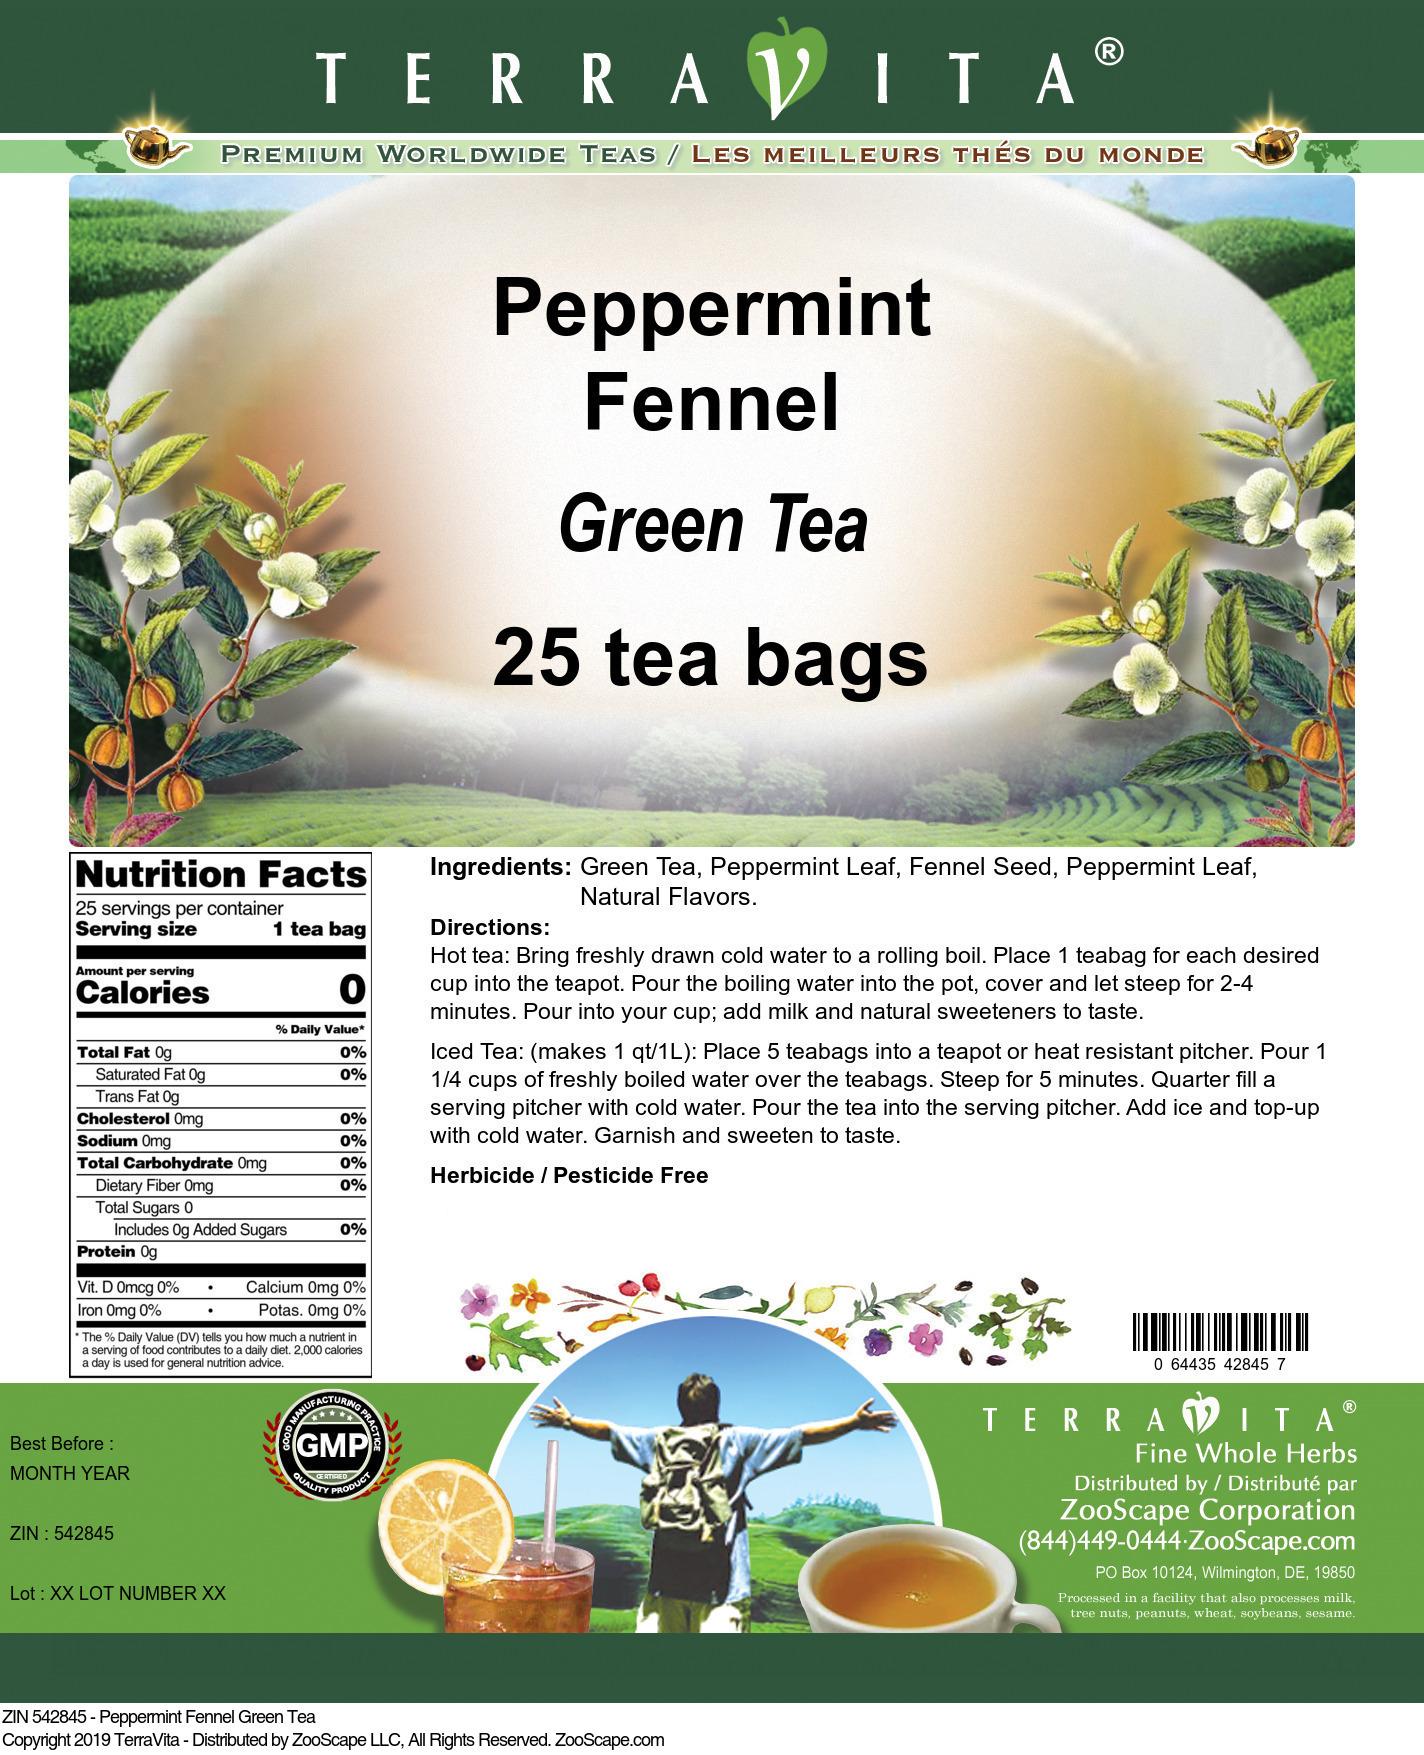 Peppermint Fennel Green Tea